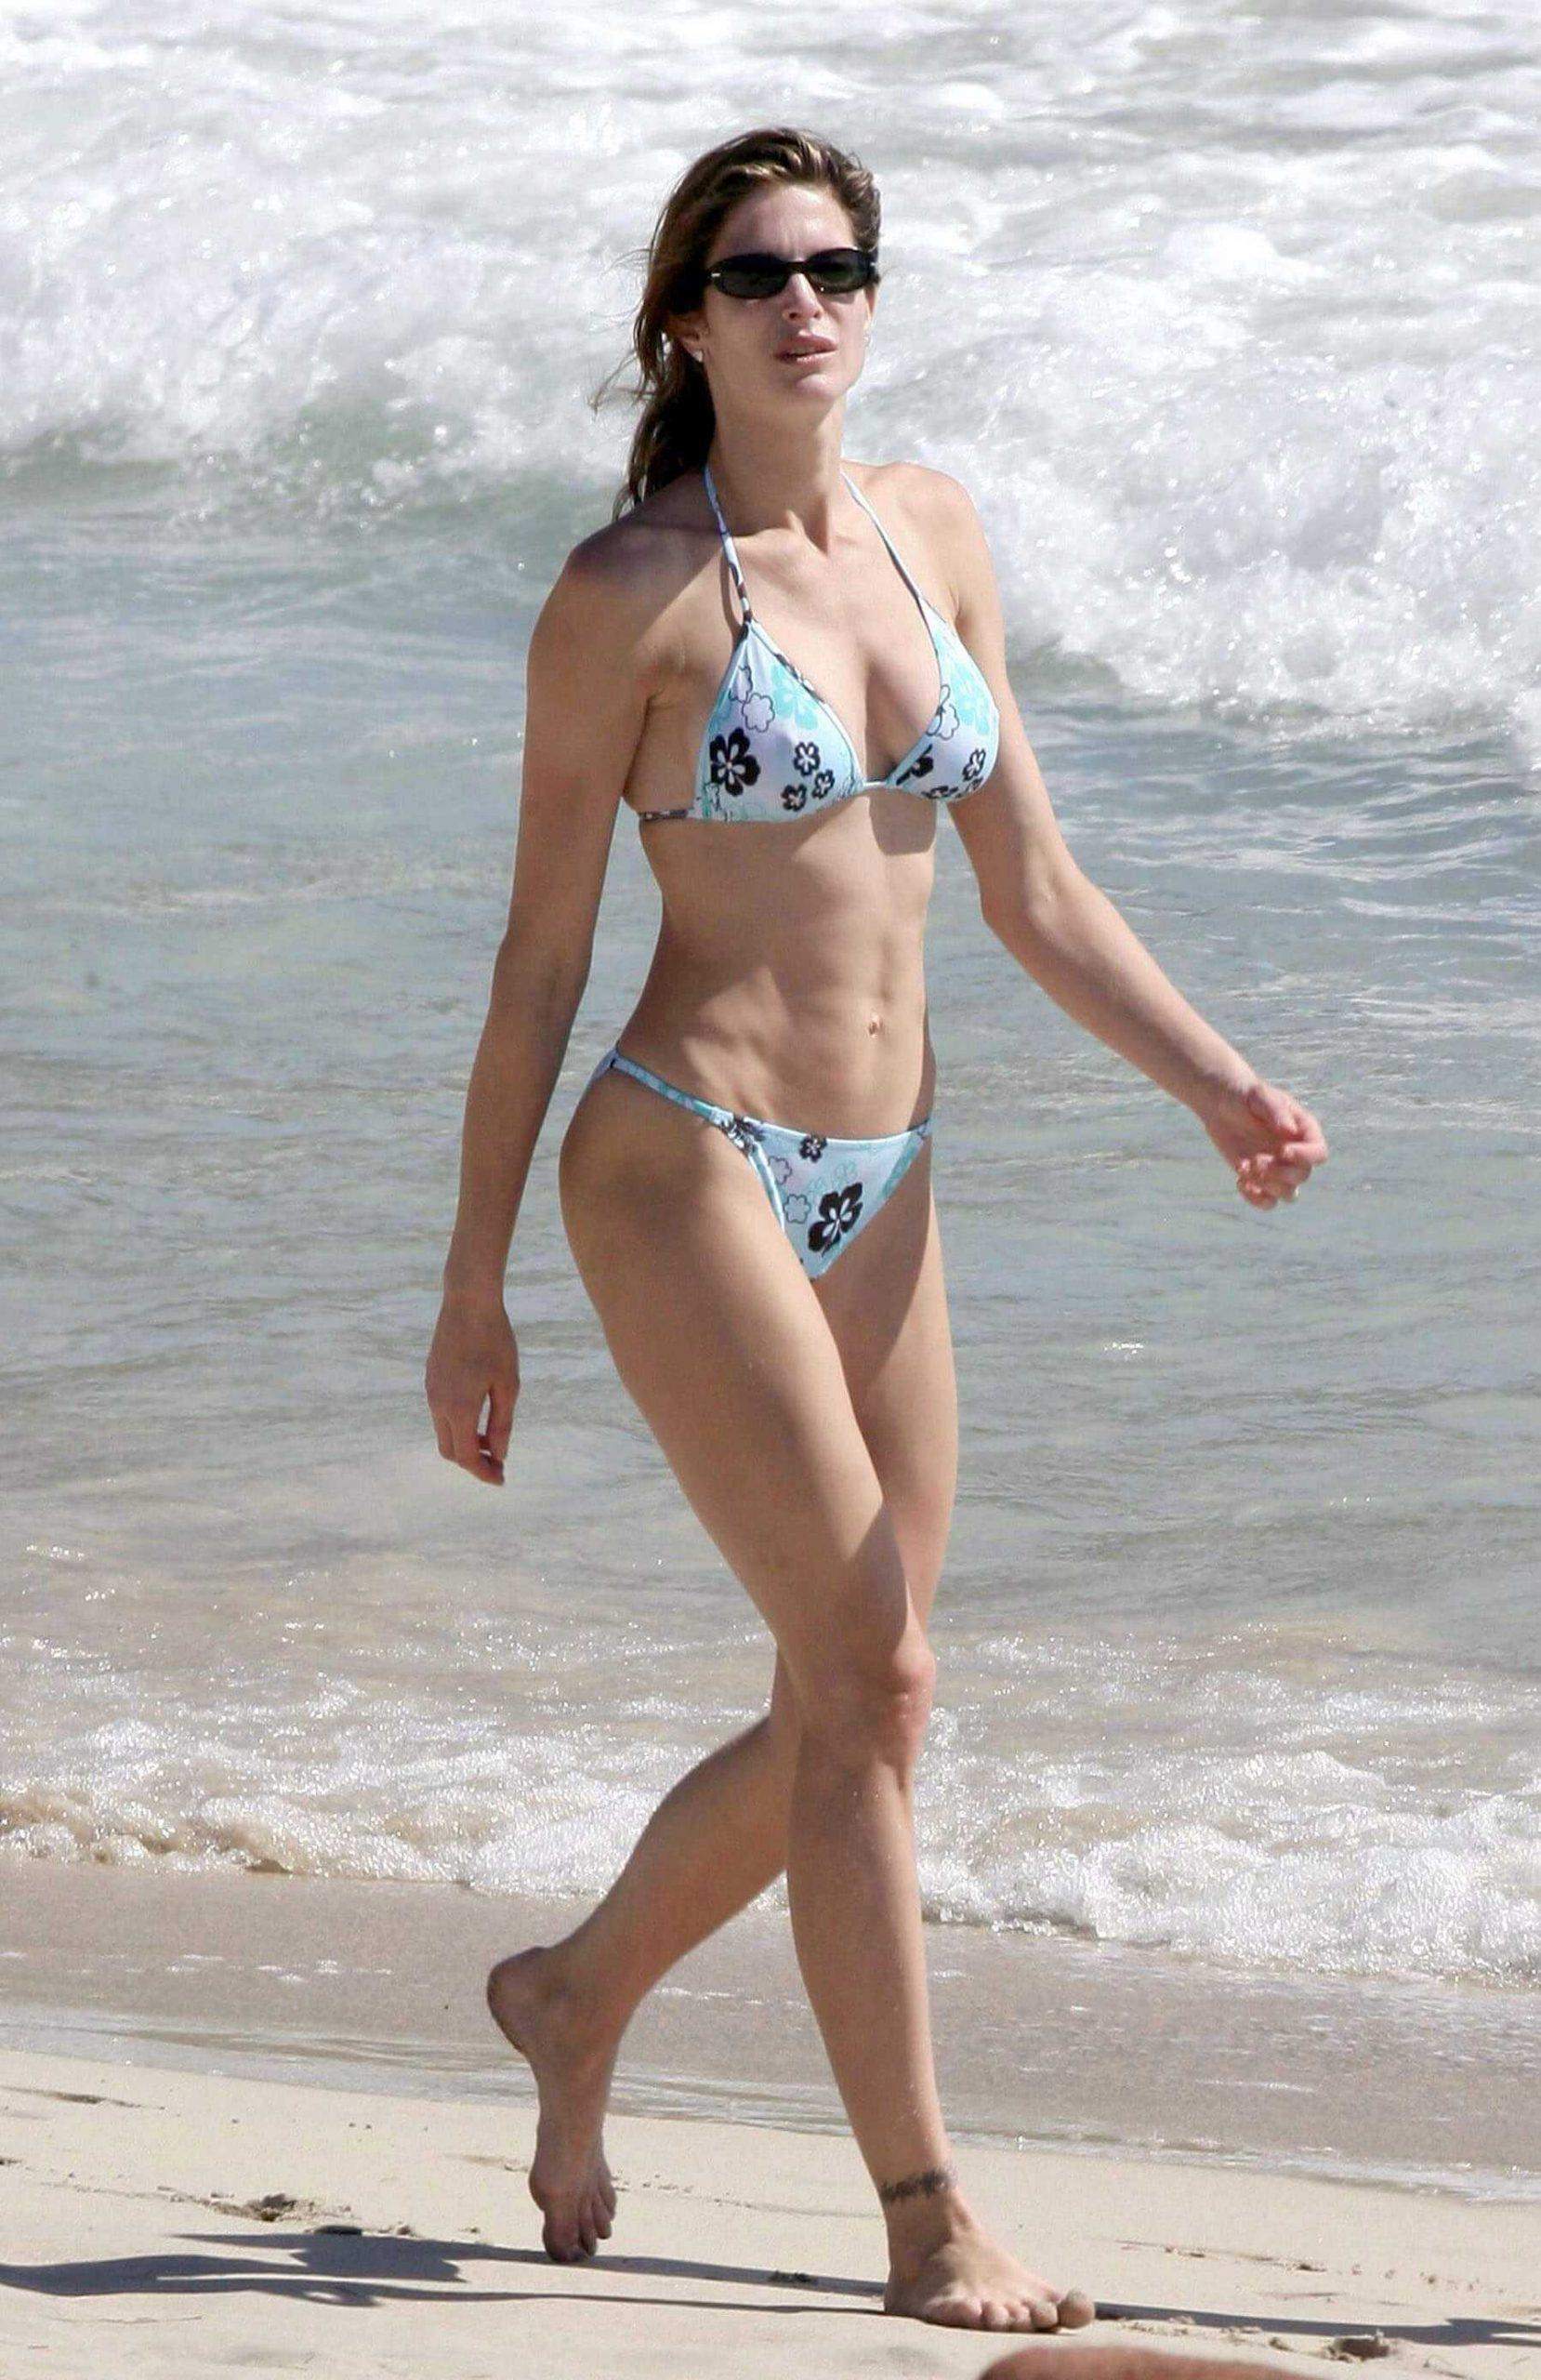 Stephanie Seymour sexy bikini pic